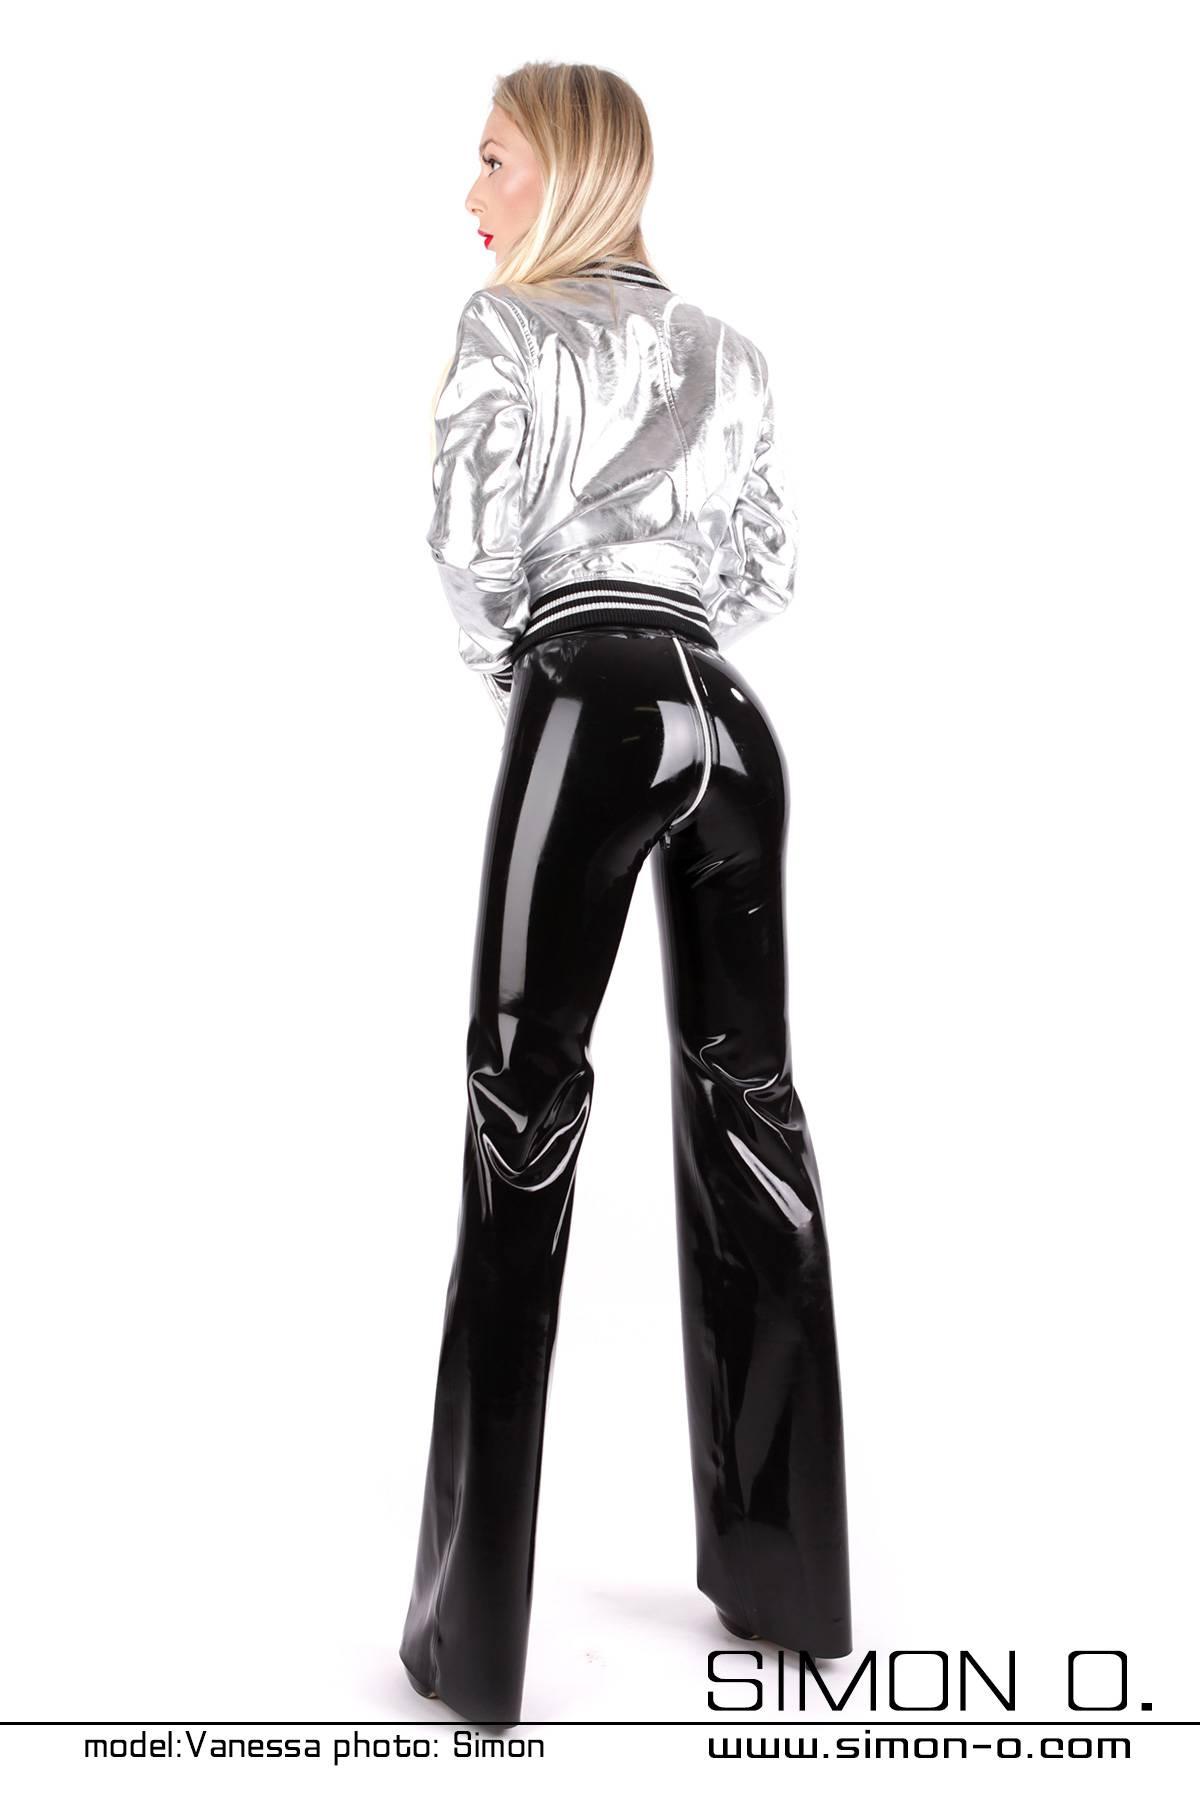 Damen Latex Hose mit einen Hauch von Marlene Stil Mit dieser Latex Hose haben wir den Trend vom Marlene Stil Hosen und Fetisch versucht zu kombinieren. Also …